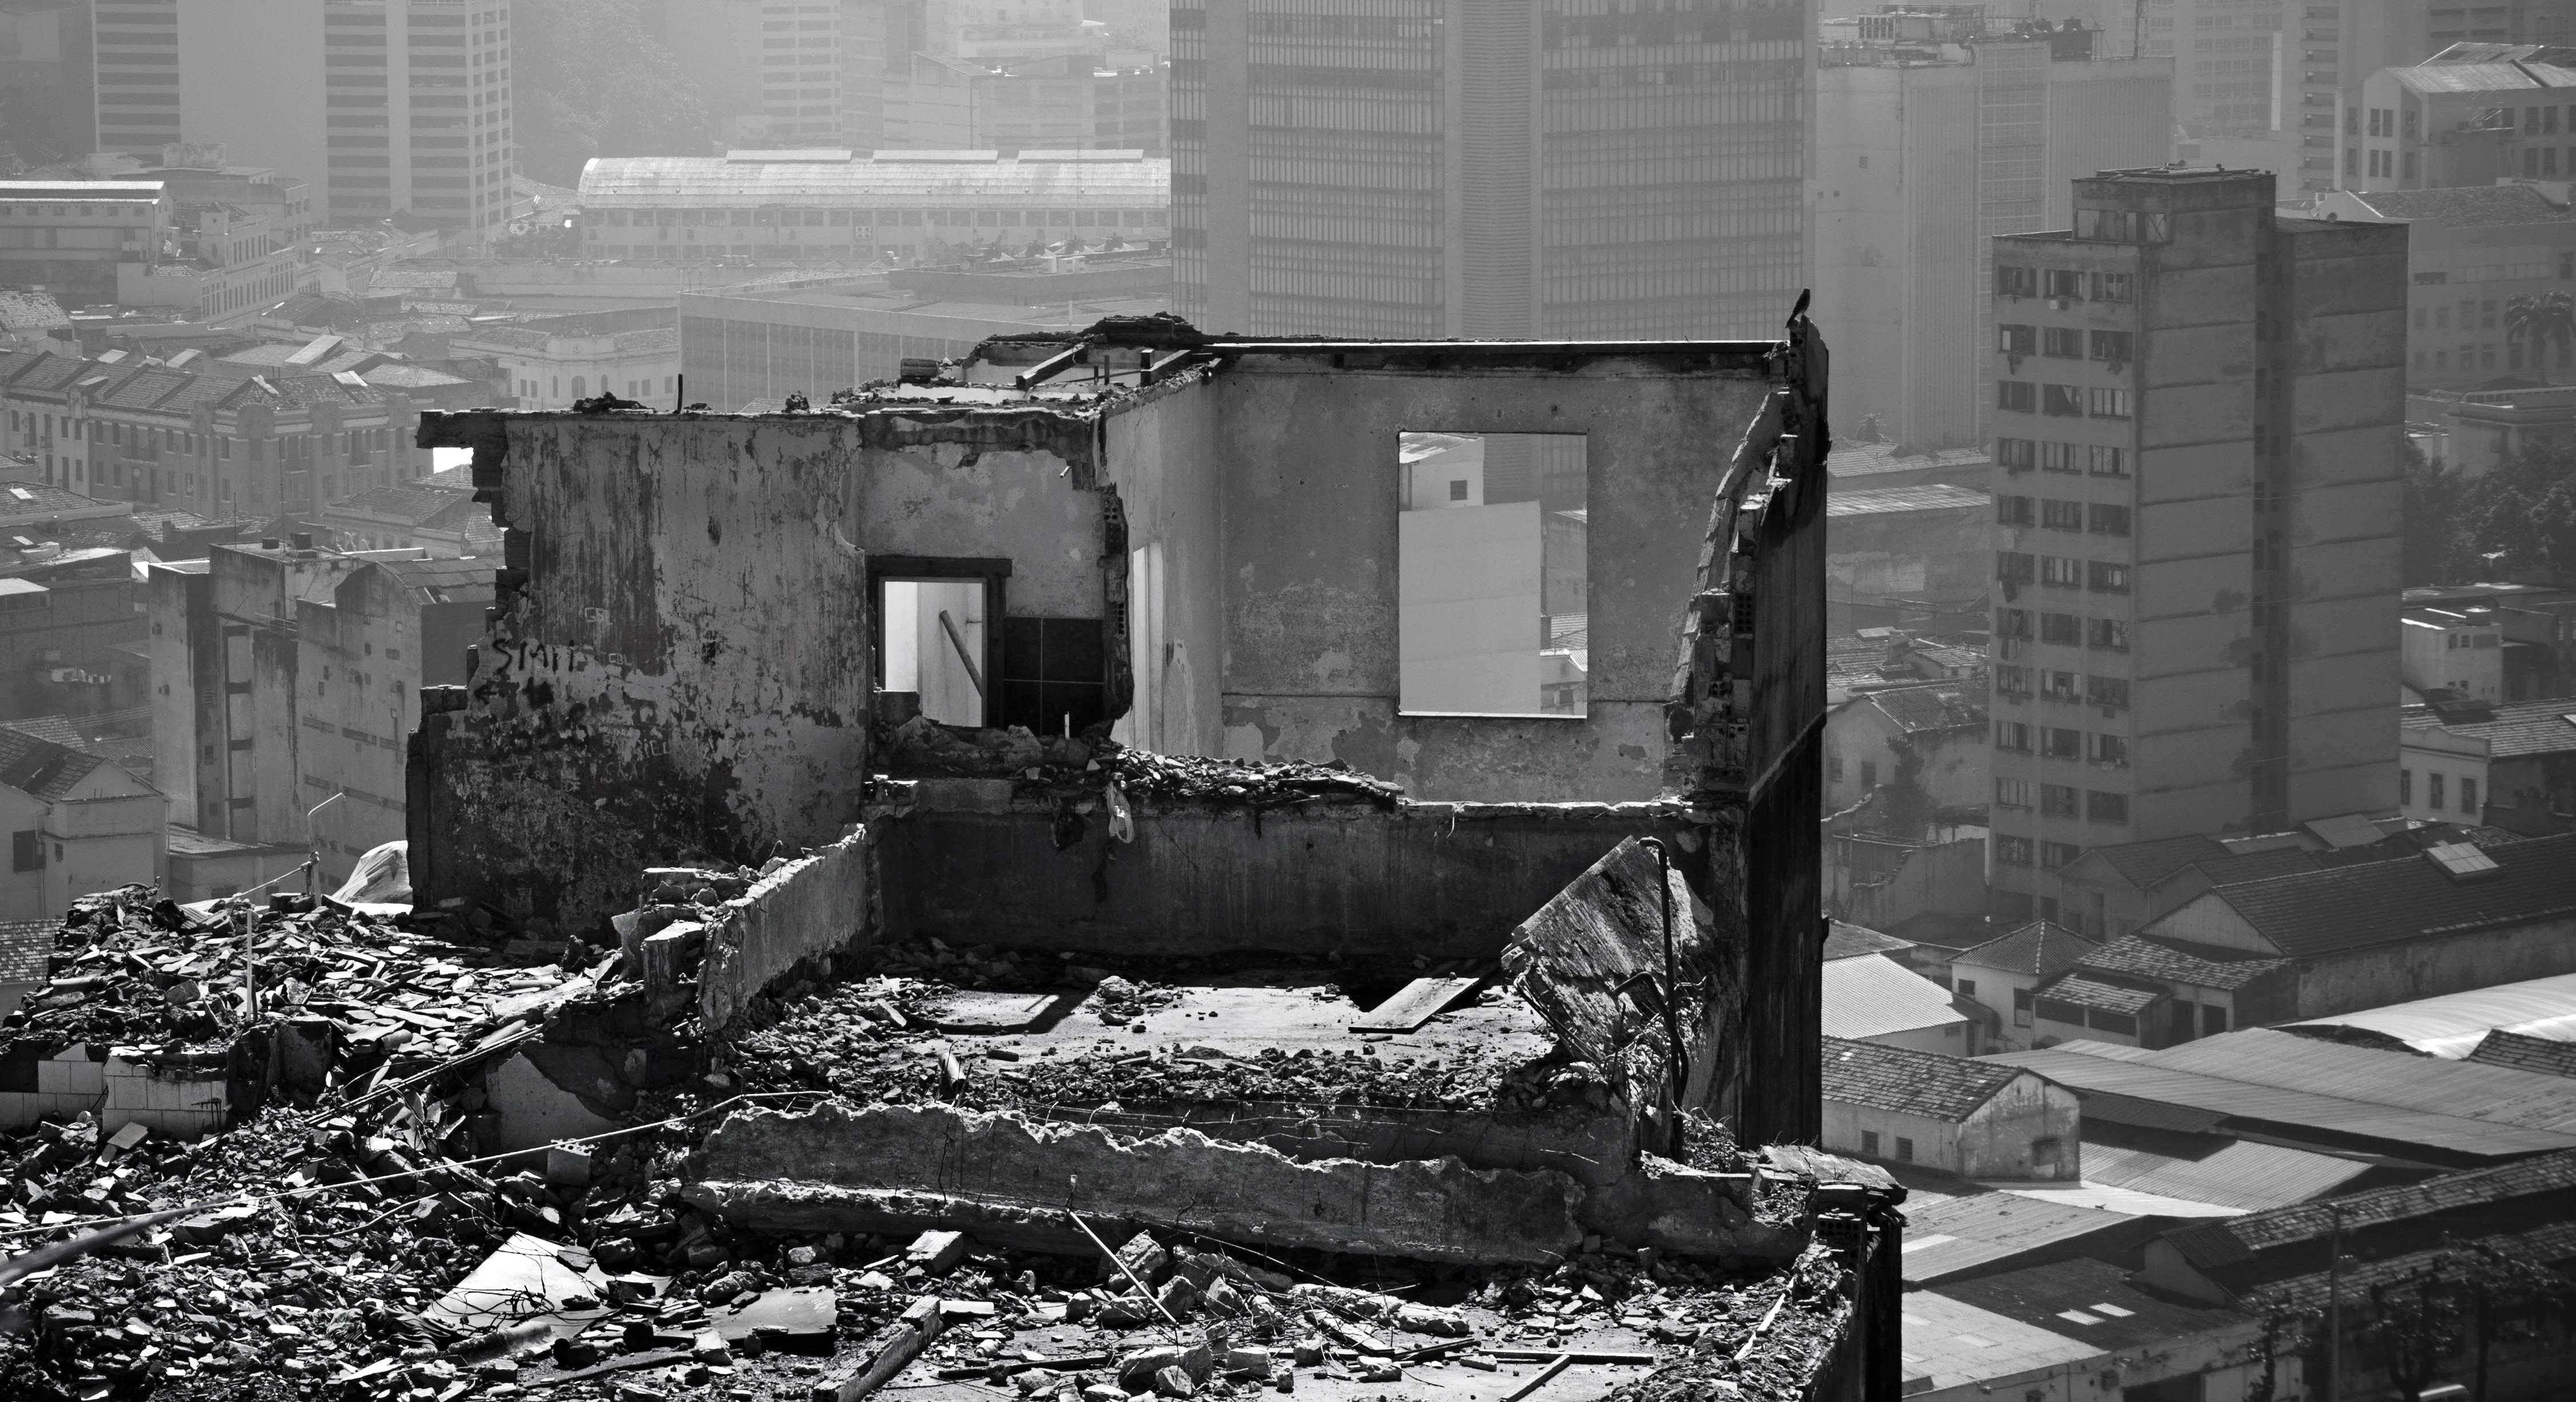 Städte ohne Identität, Räume der Utopie